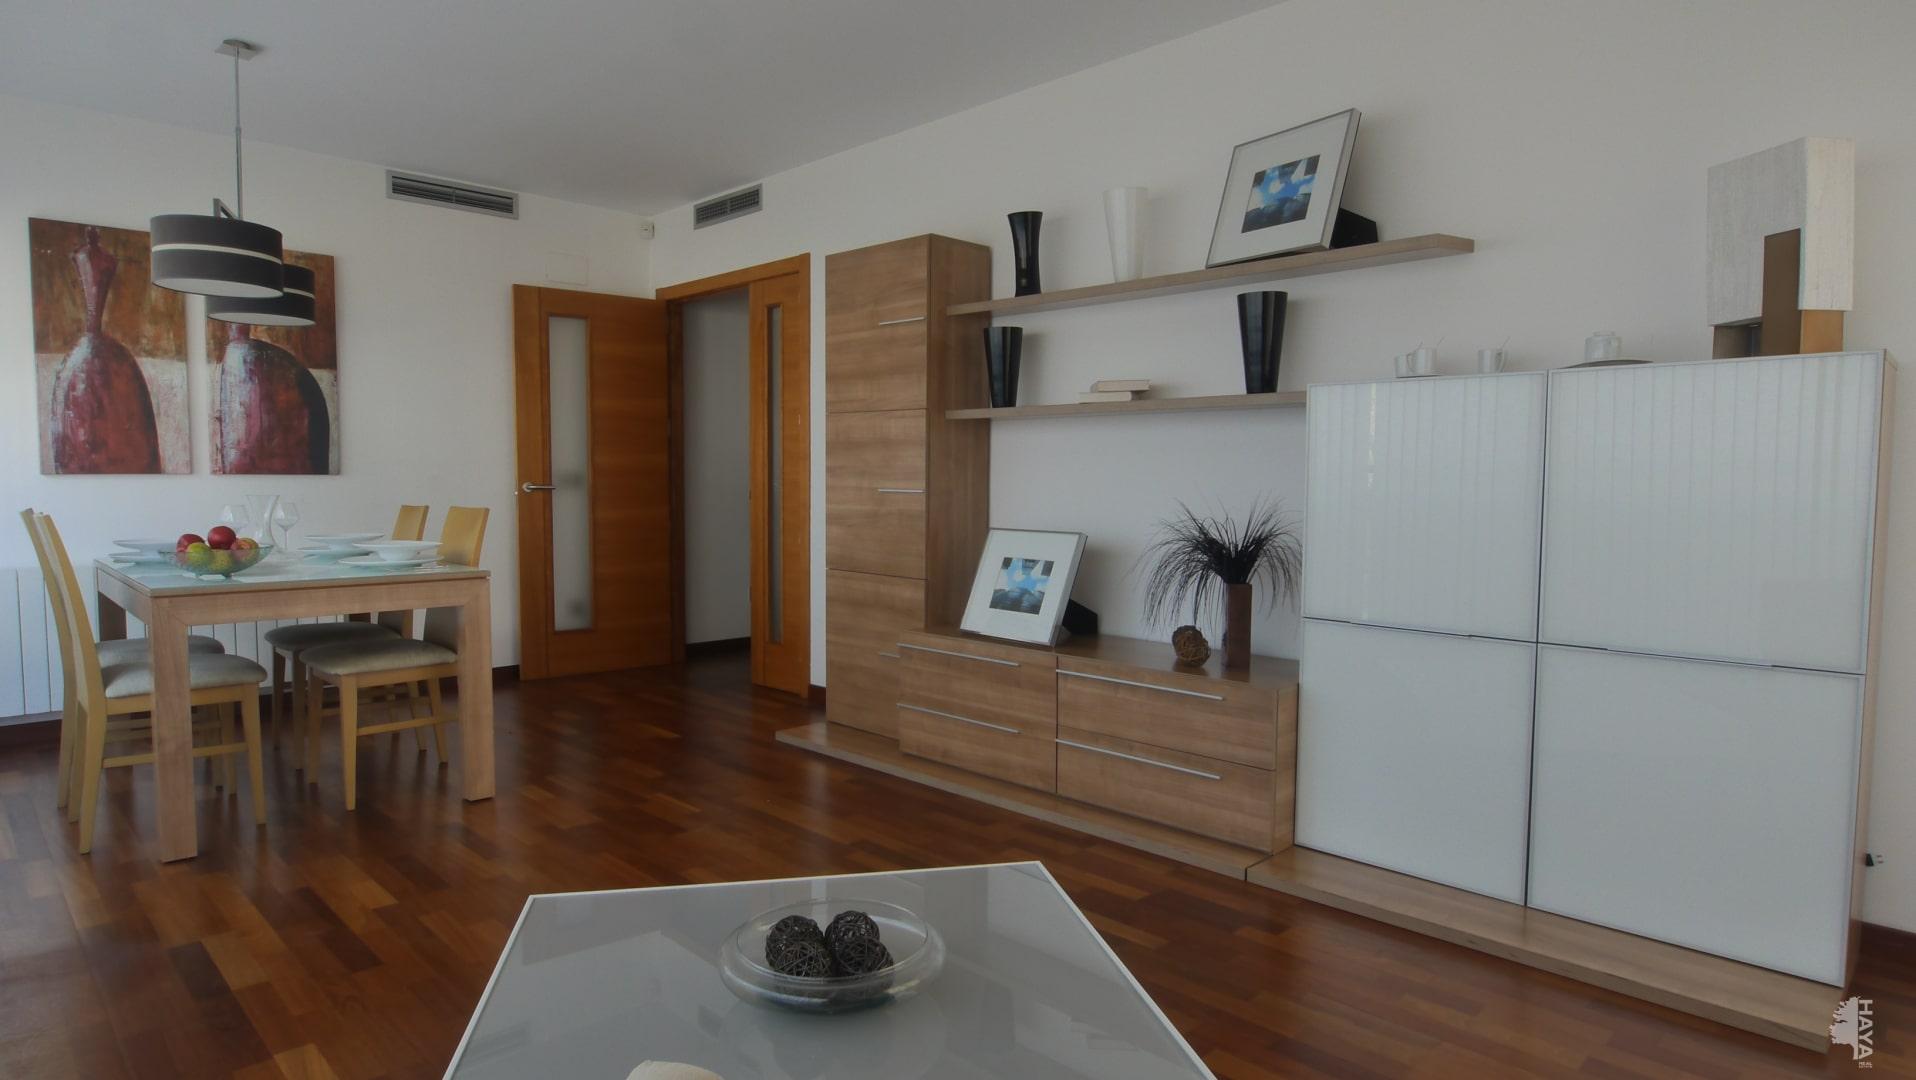 Piso en venta en Castellón de la Plana/castelló de la Plana, Castellón, Avenida Villarreal, 90.000 €, 1 habitación, 1 baño, 52 m2